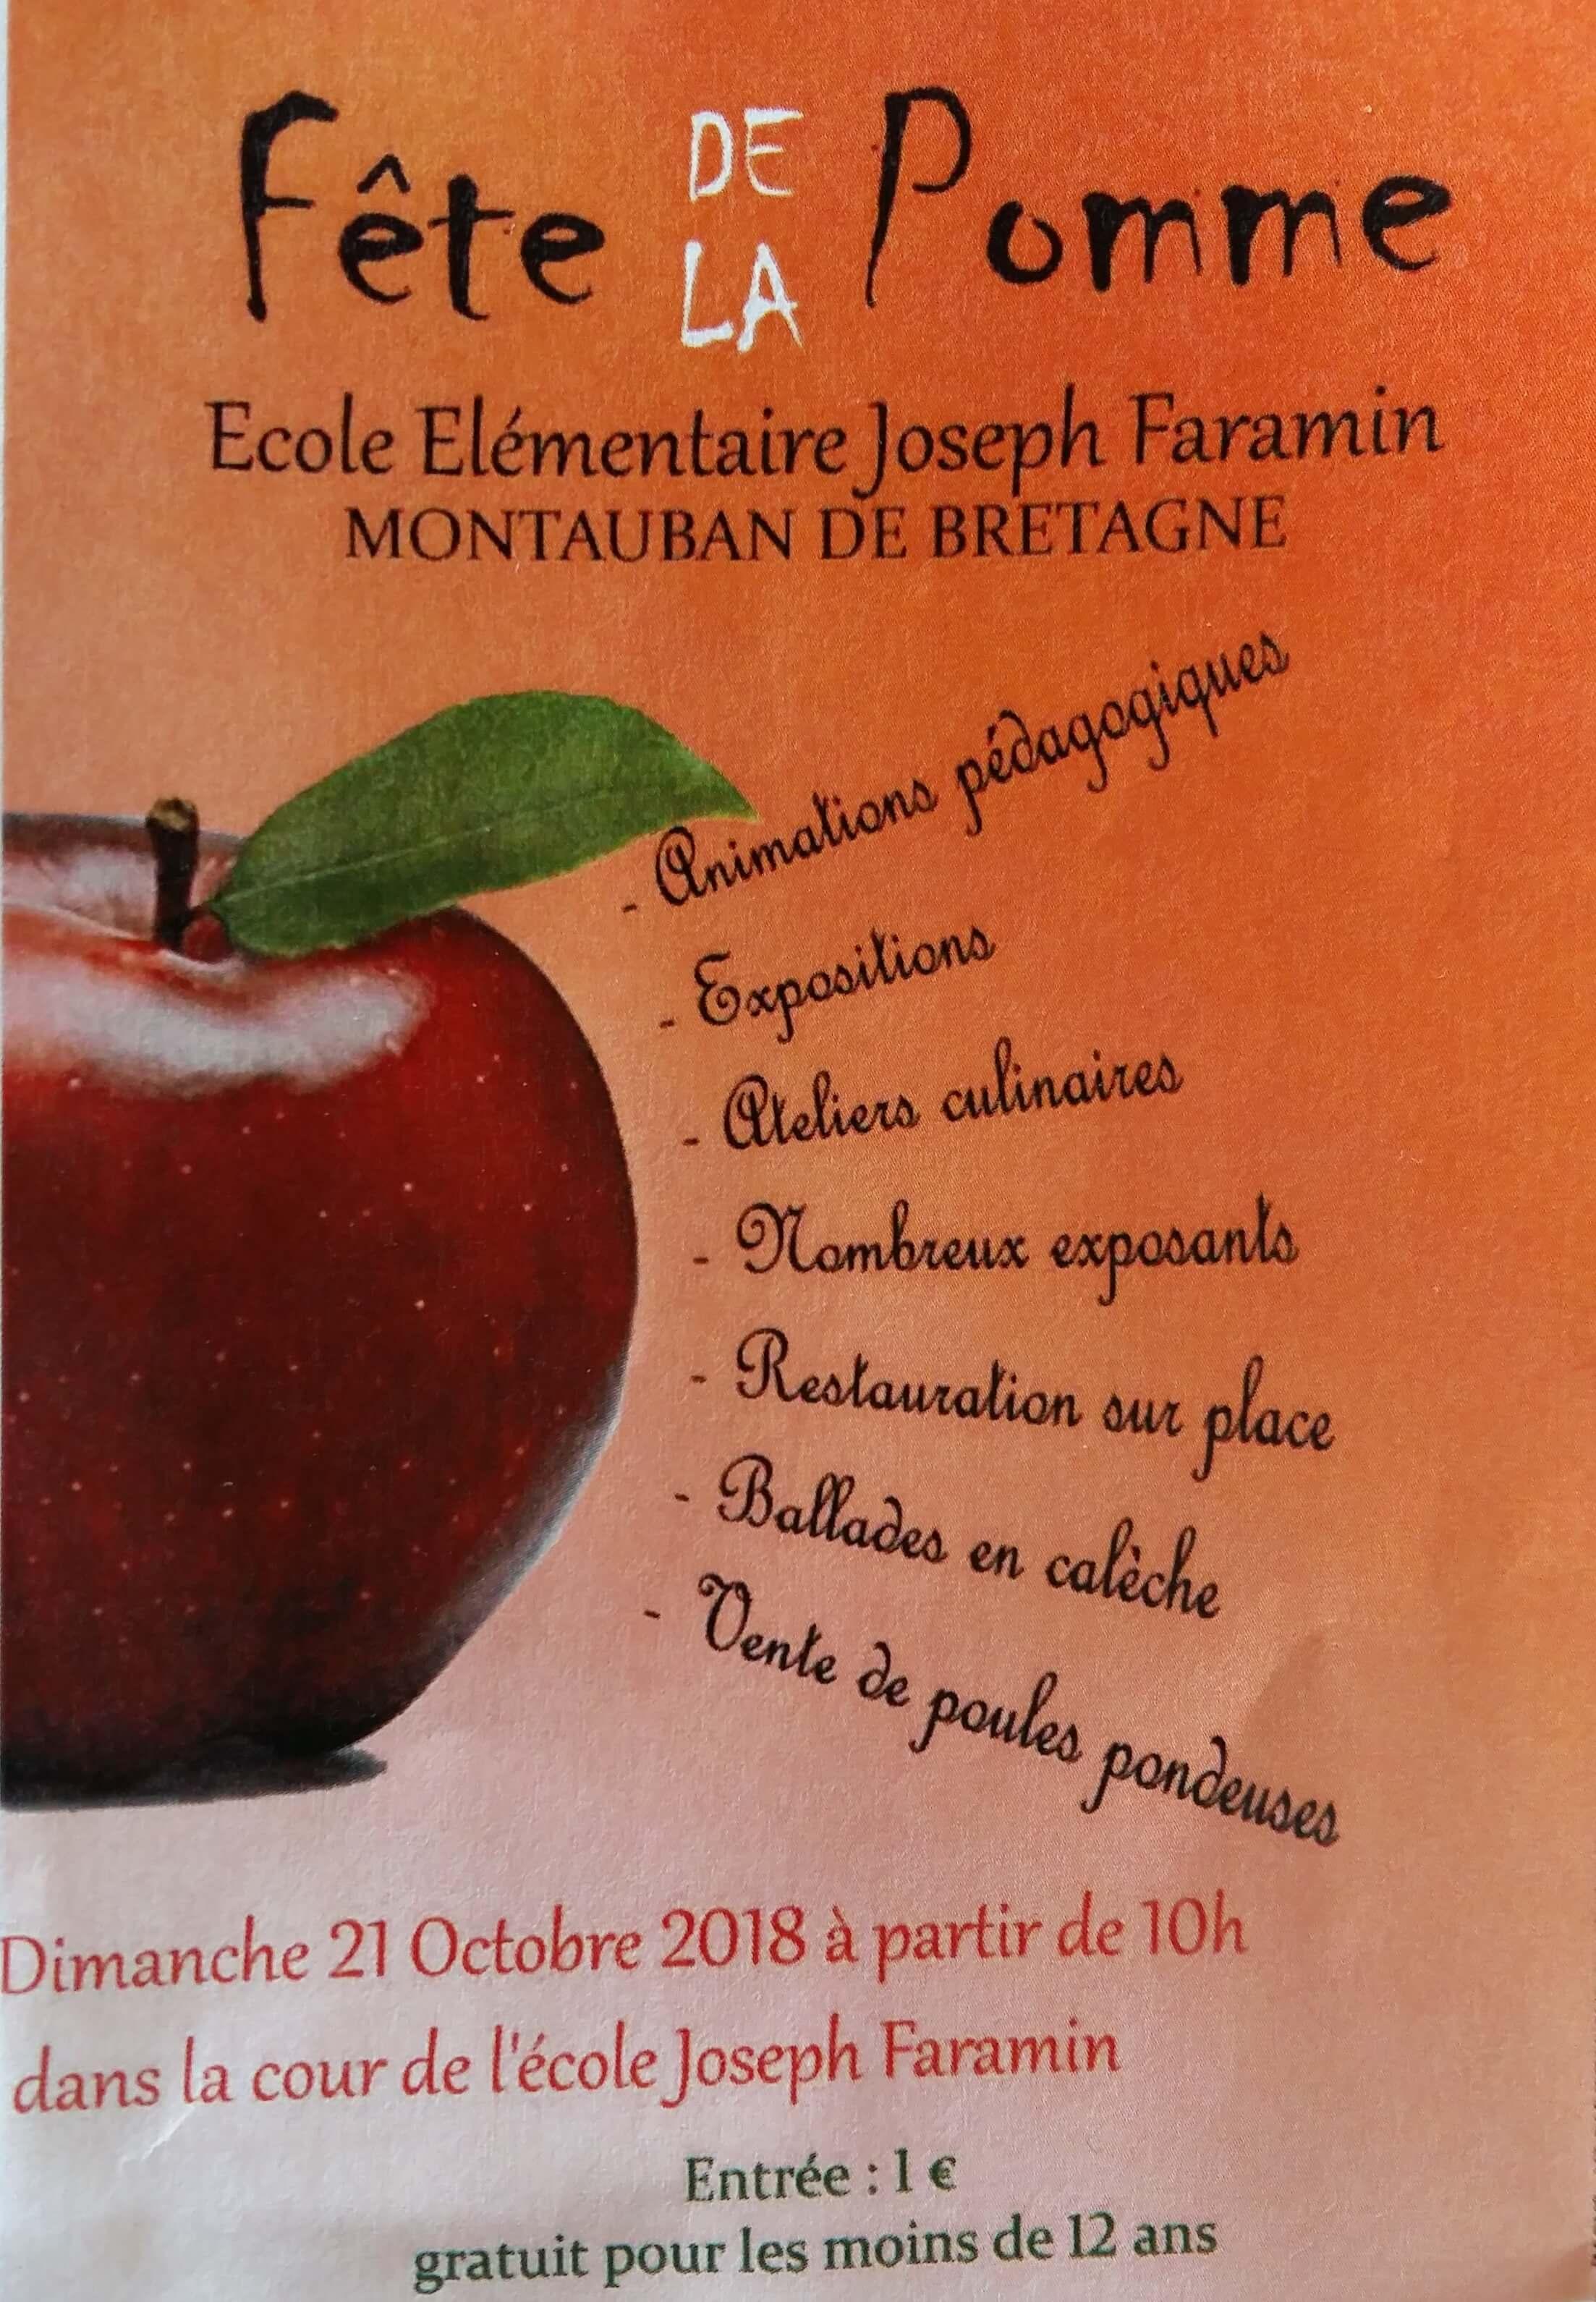 Fête de la pomme